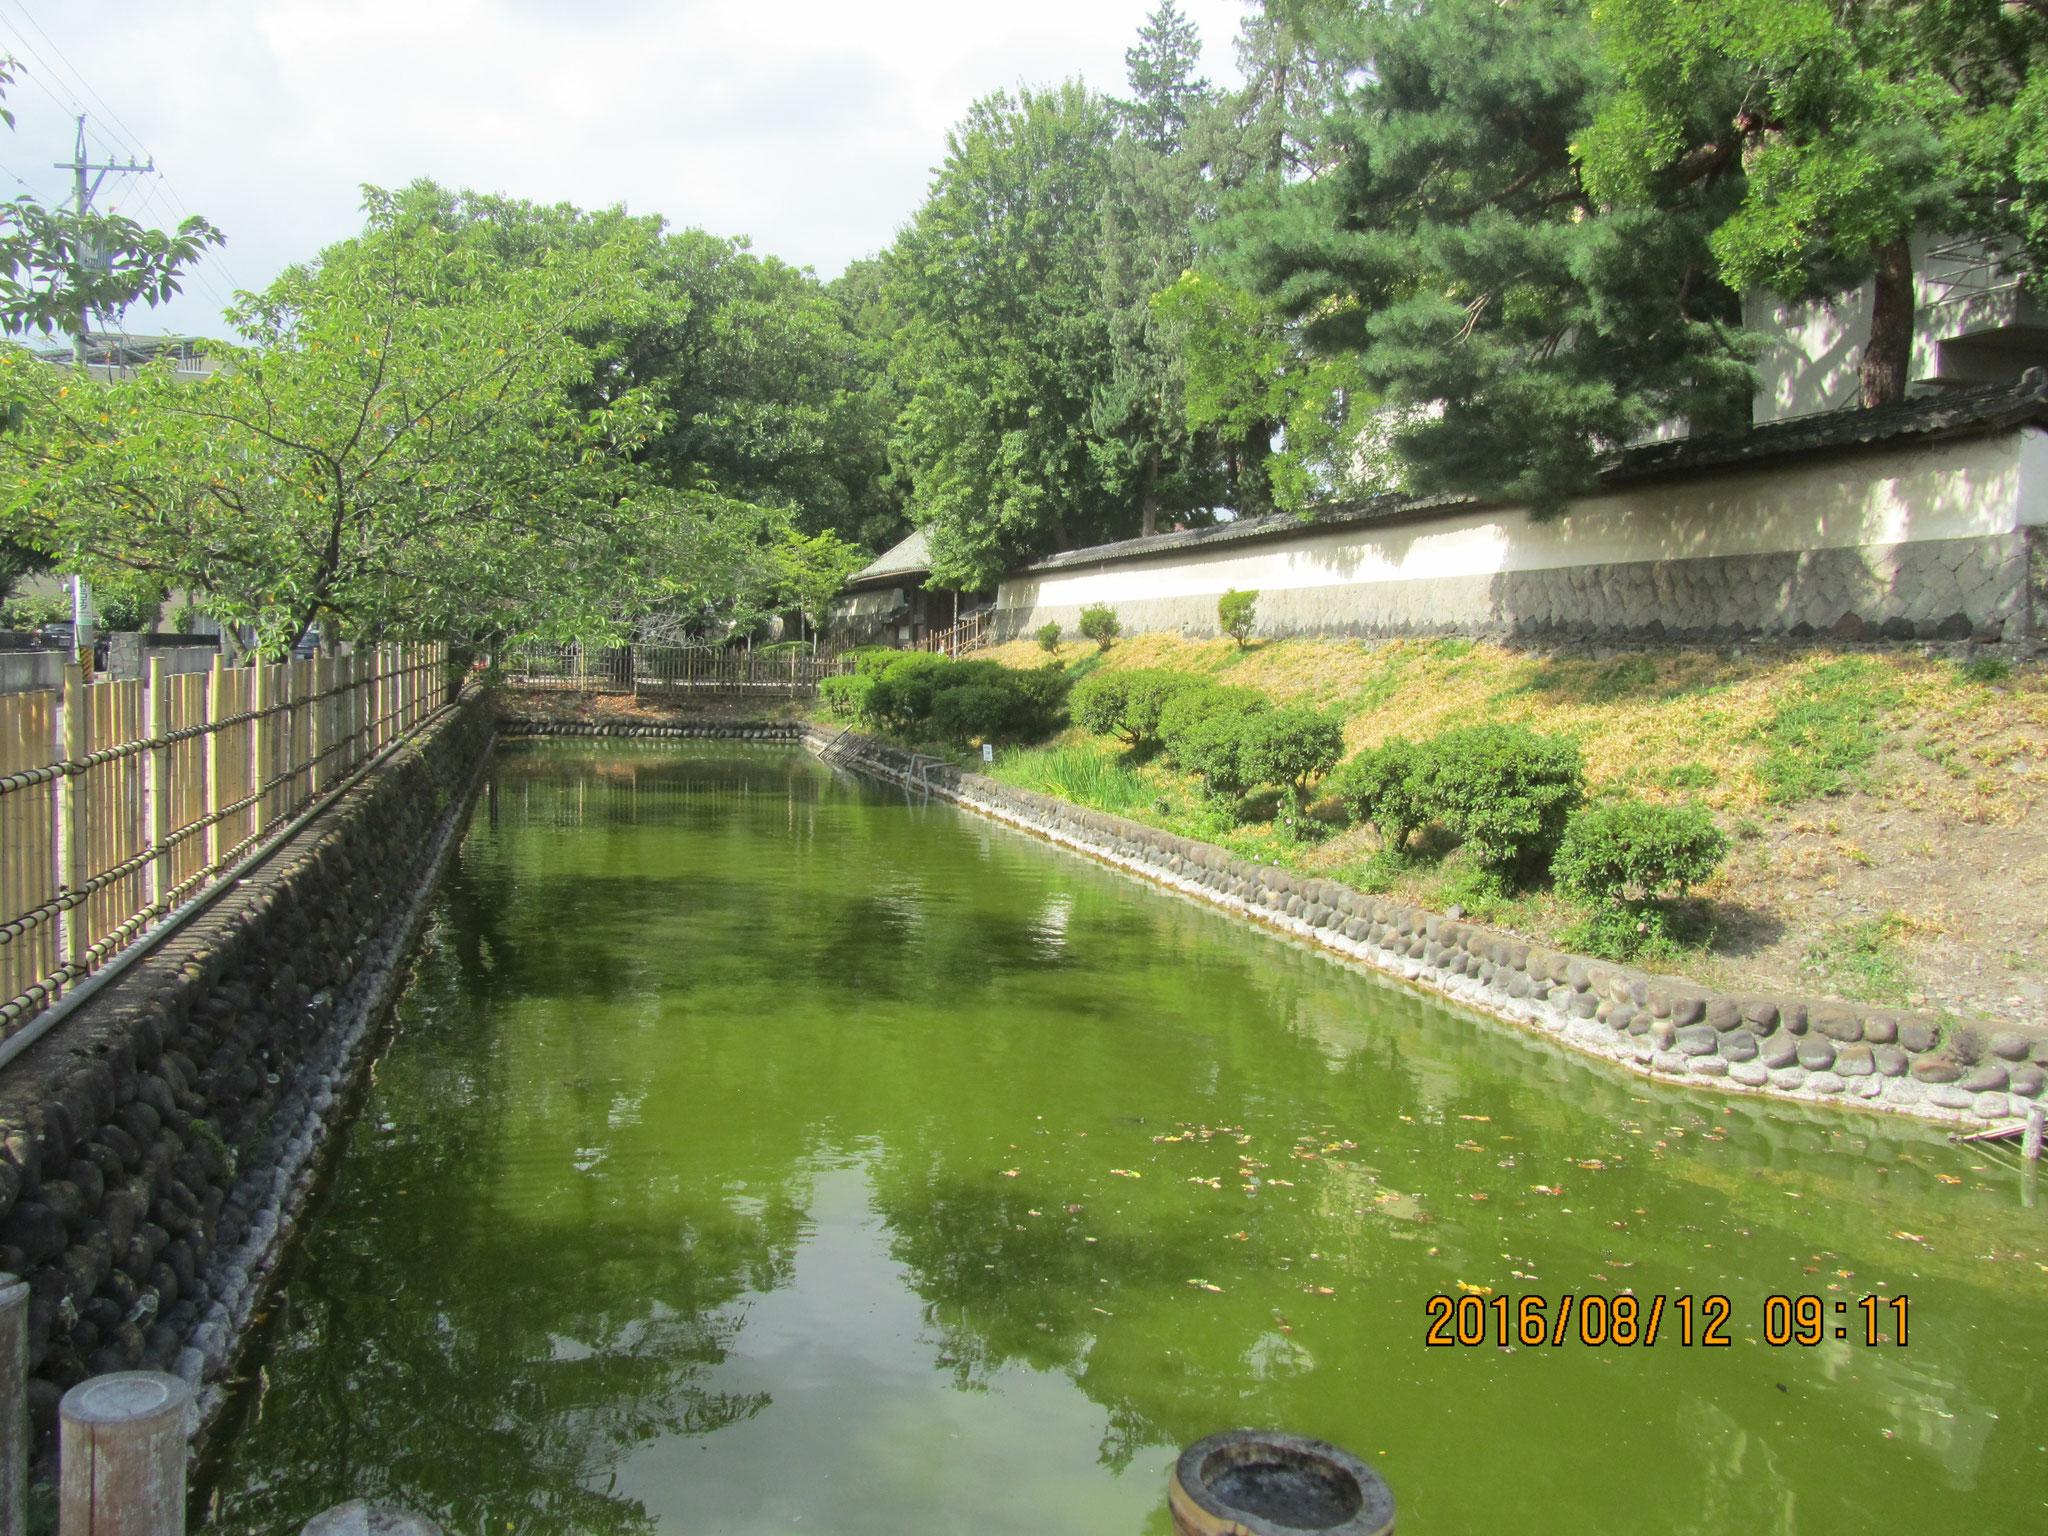 周囲を囲む土塁(どるい)と水堀は真田家が居住していた当時のまま残されています。